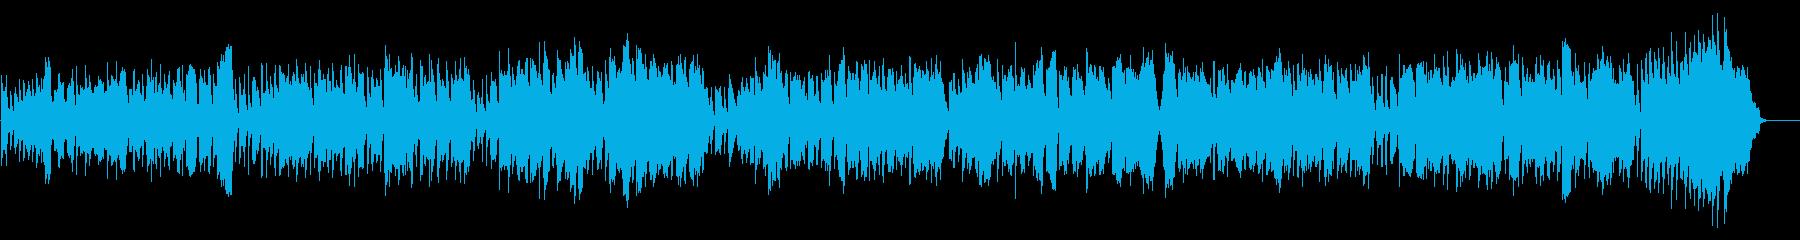 シンプルなワルツの再生済みの波形